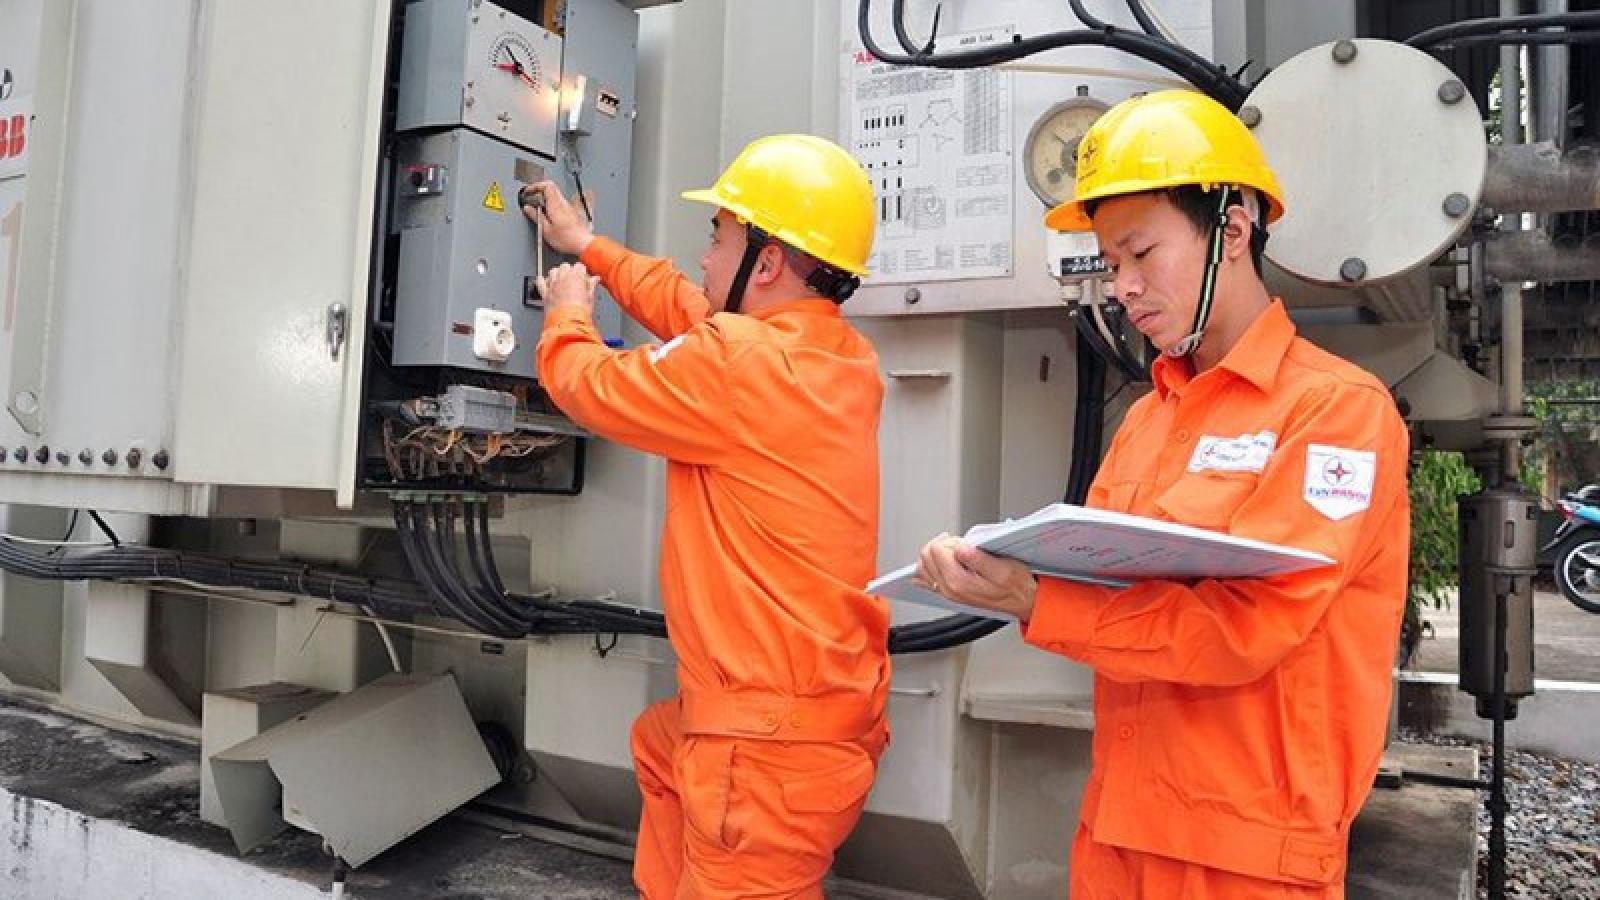 Sửa đổi bổ sung các quy định về biểu giá điện vào thời điểm phù hợp